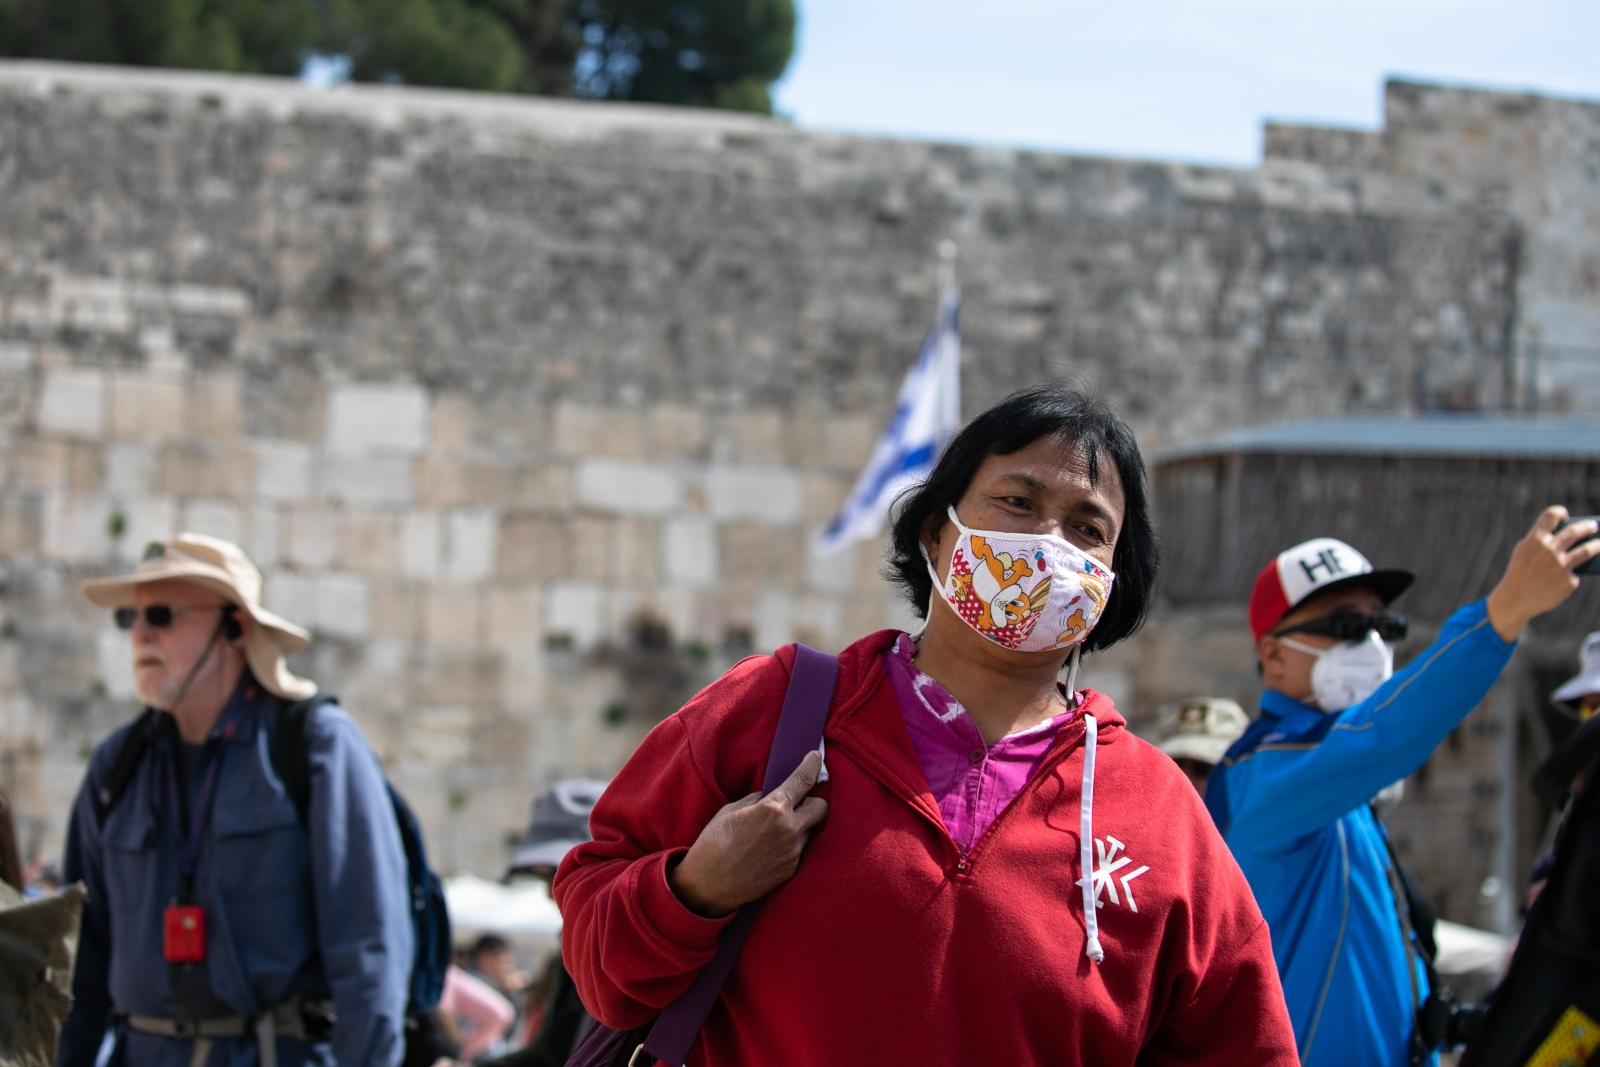 Israel confronta el coronavirus con innovación y chutzpah - f90 touristmasks